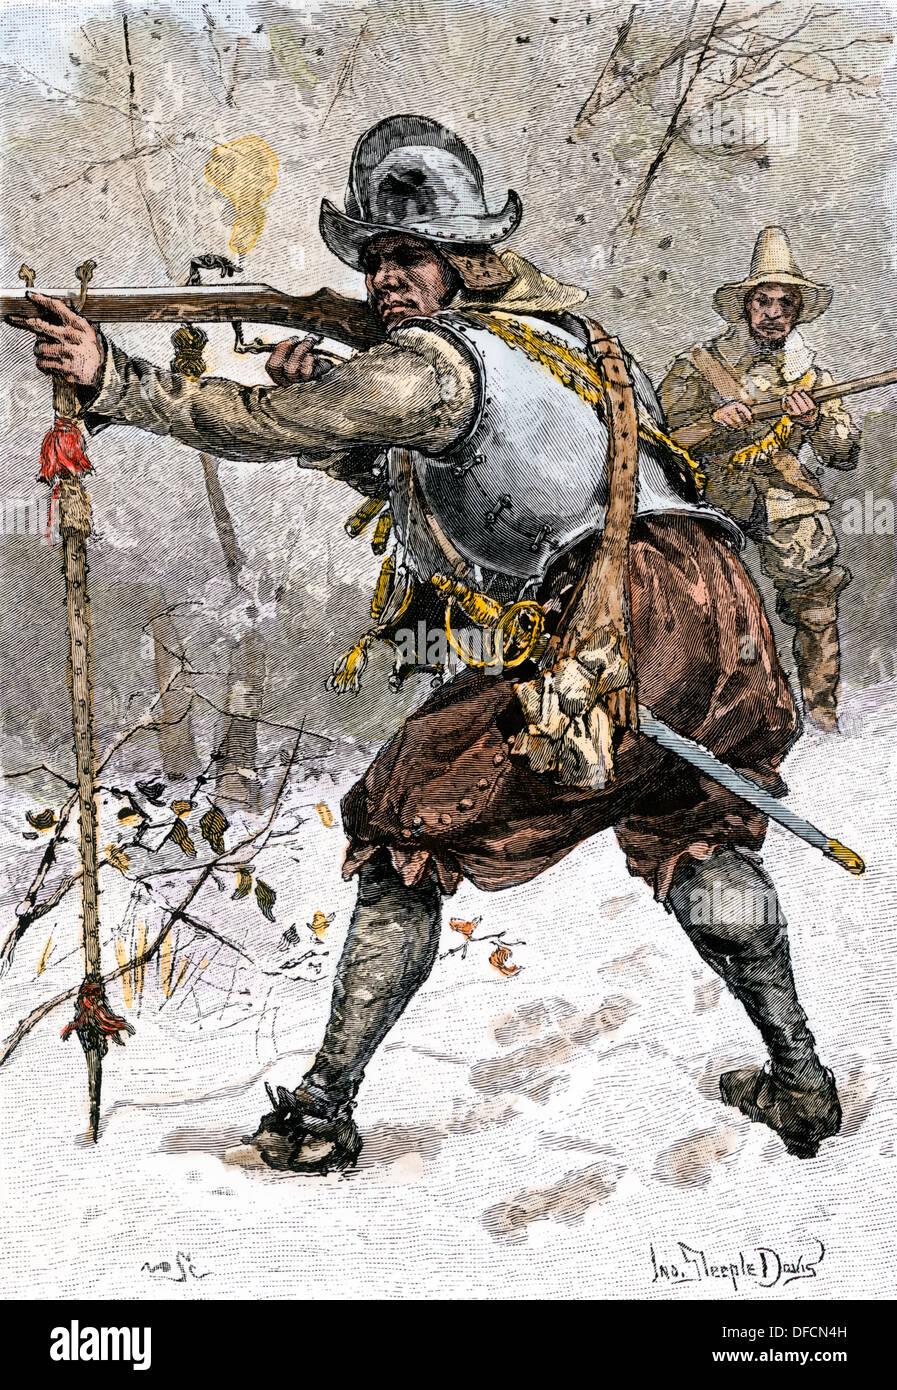 Die Rüstung von Pilger getragen in Massachusetts im Jahre 1620. Hand - farbige Holzschnitt Stockfoto